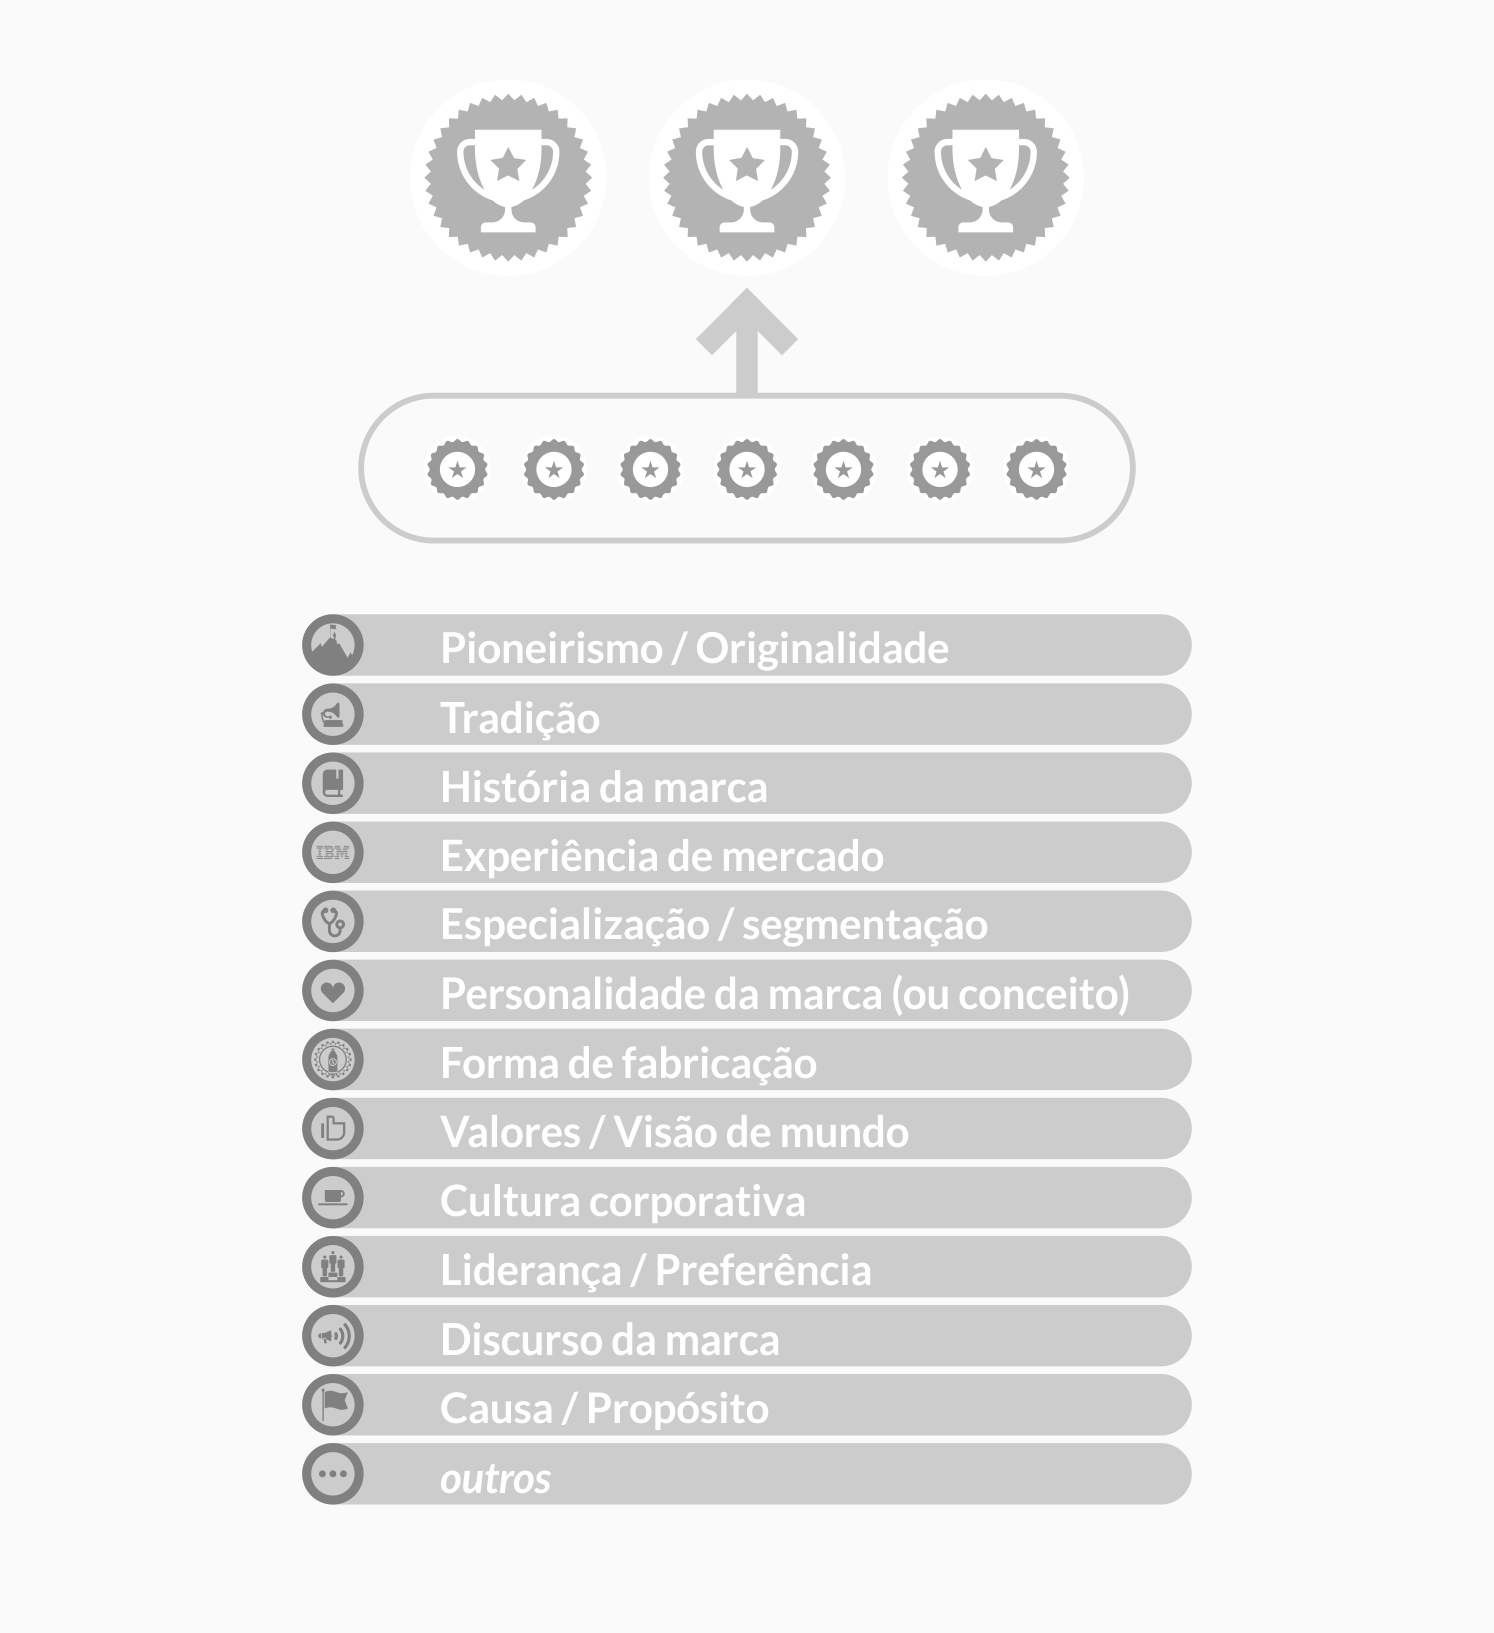 os 12 diferenciais de marca